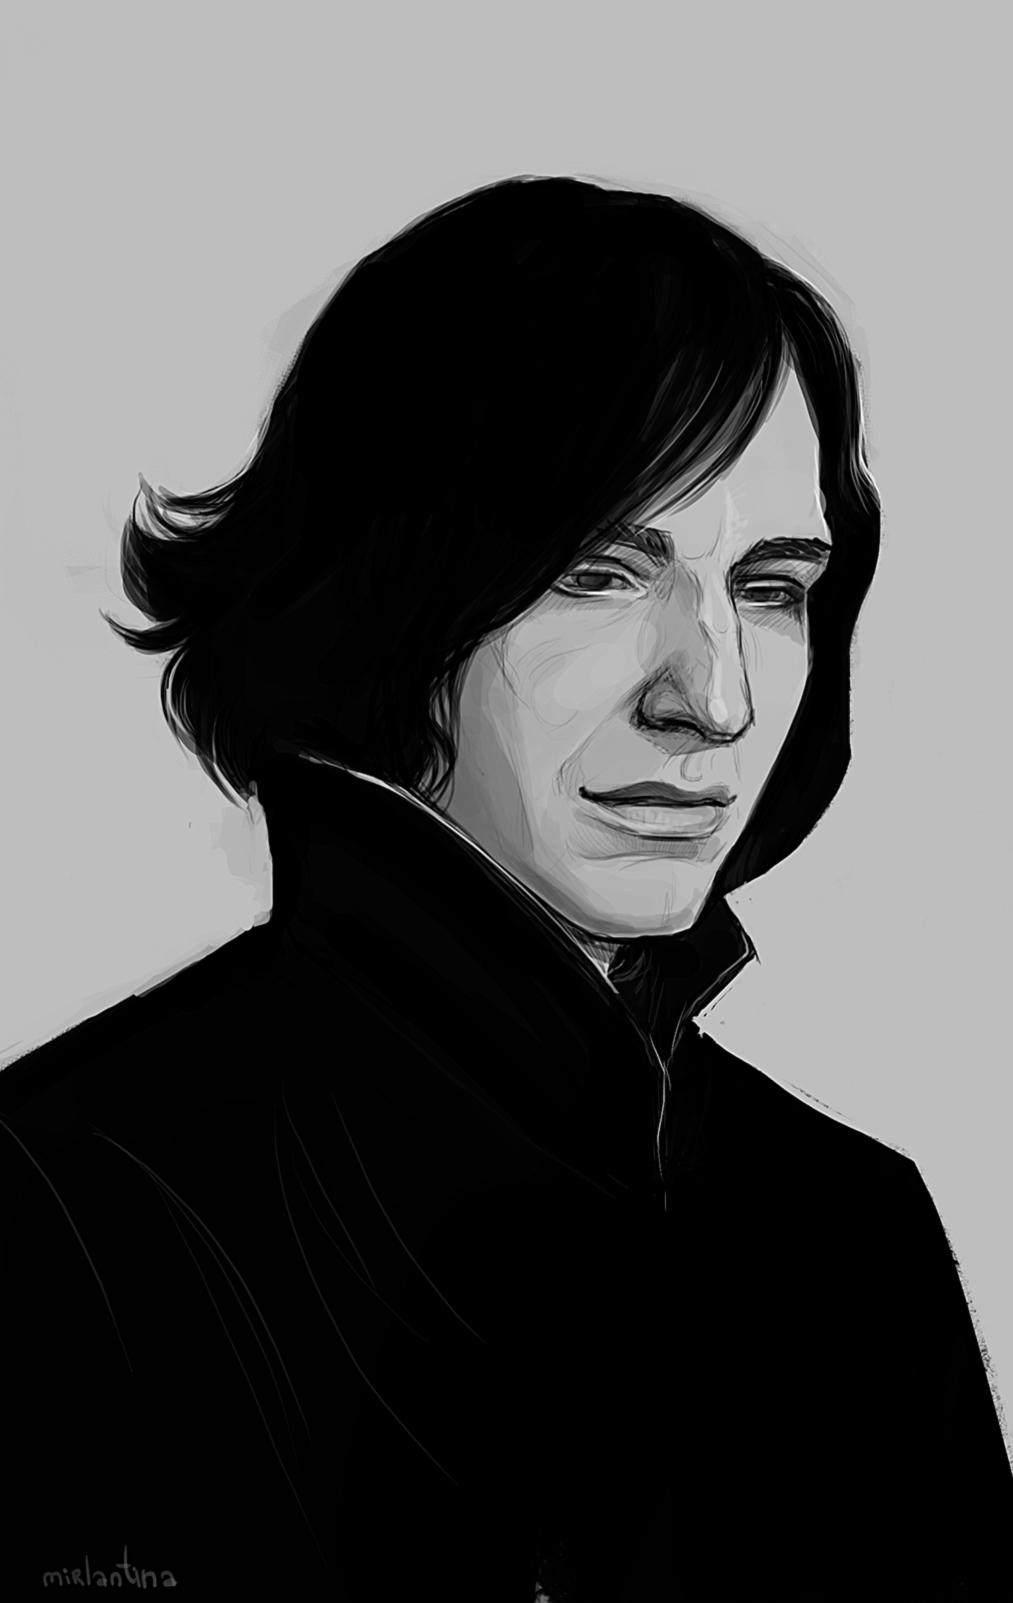 Snape by mirlantinami